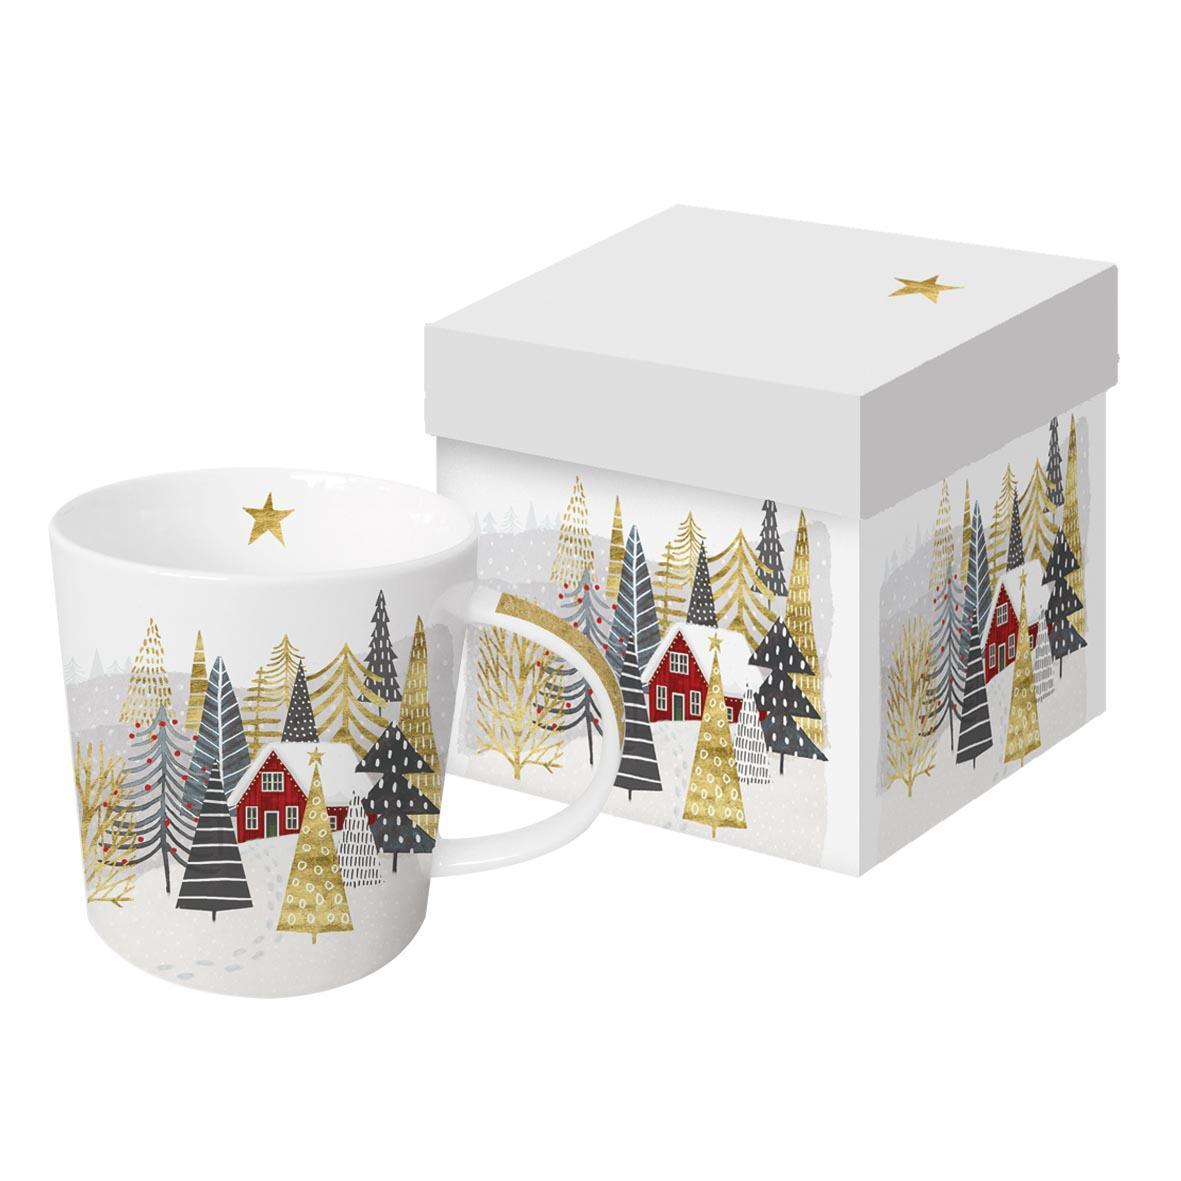 Šolja u poklon kutiji MOUNTAIN LODGE